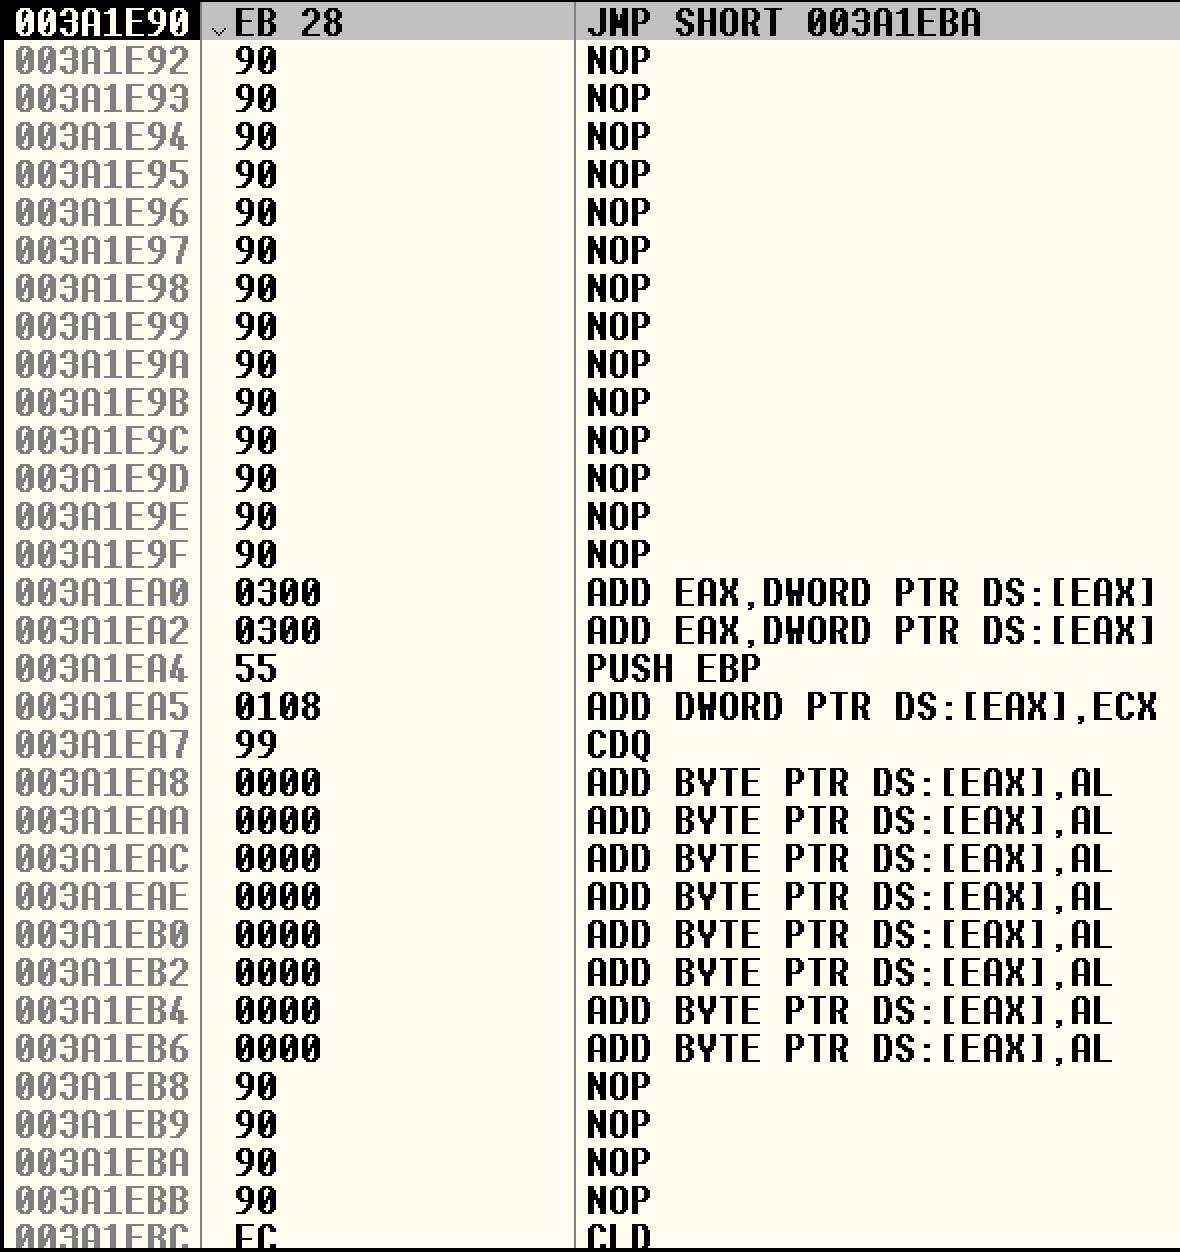 Bildschirmfoto 2018-11-03 um 9.12.34 PM.png